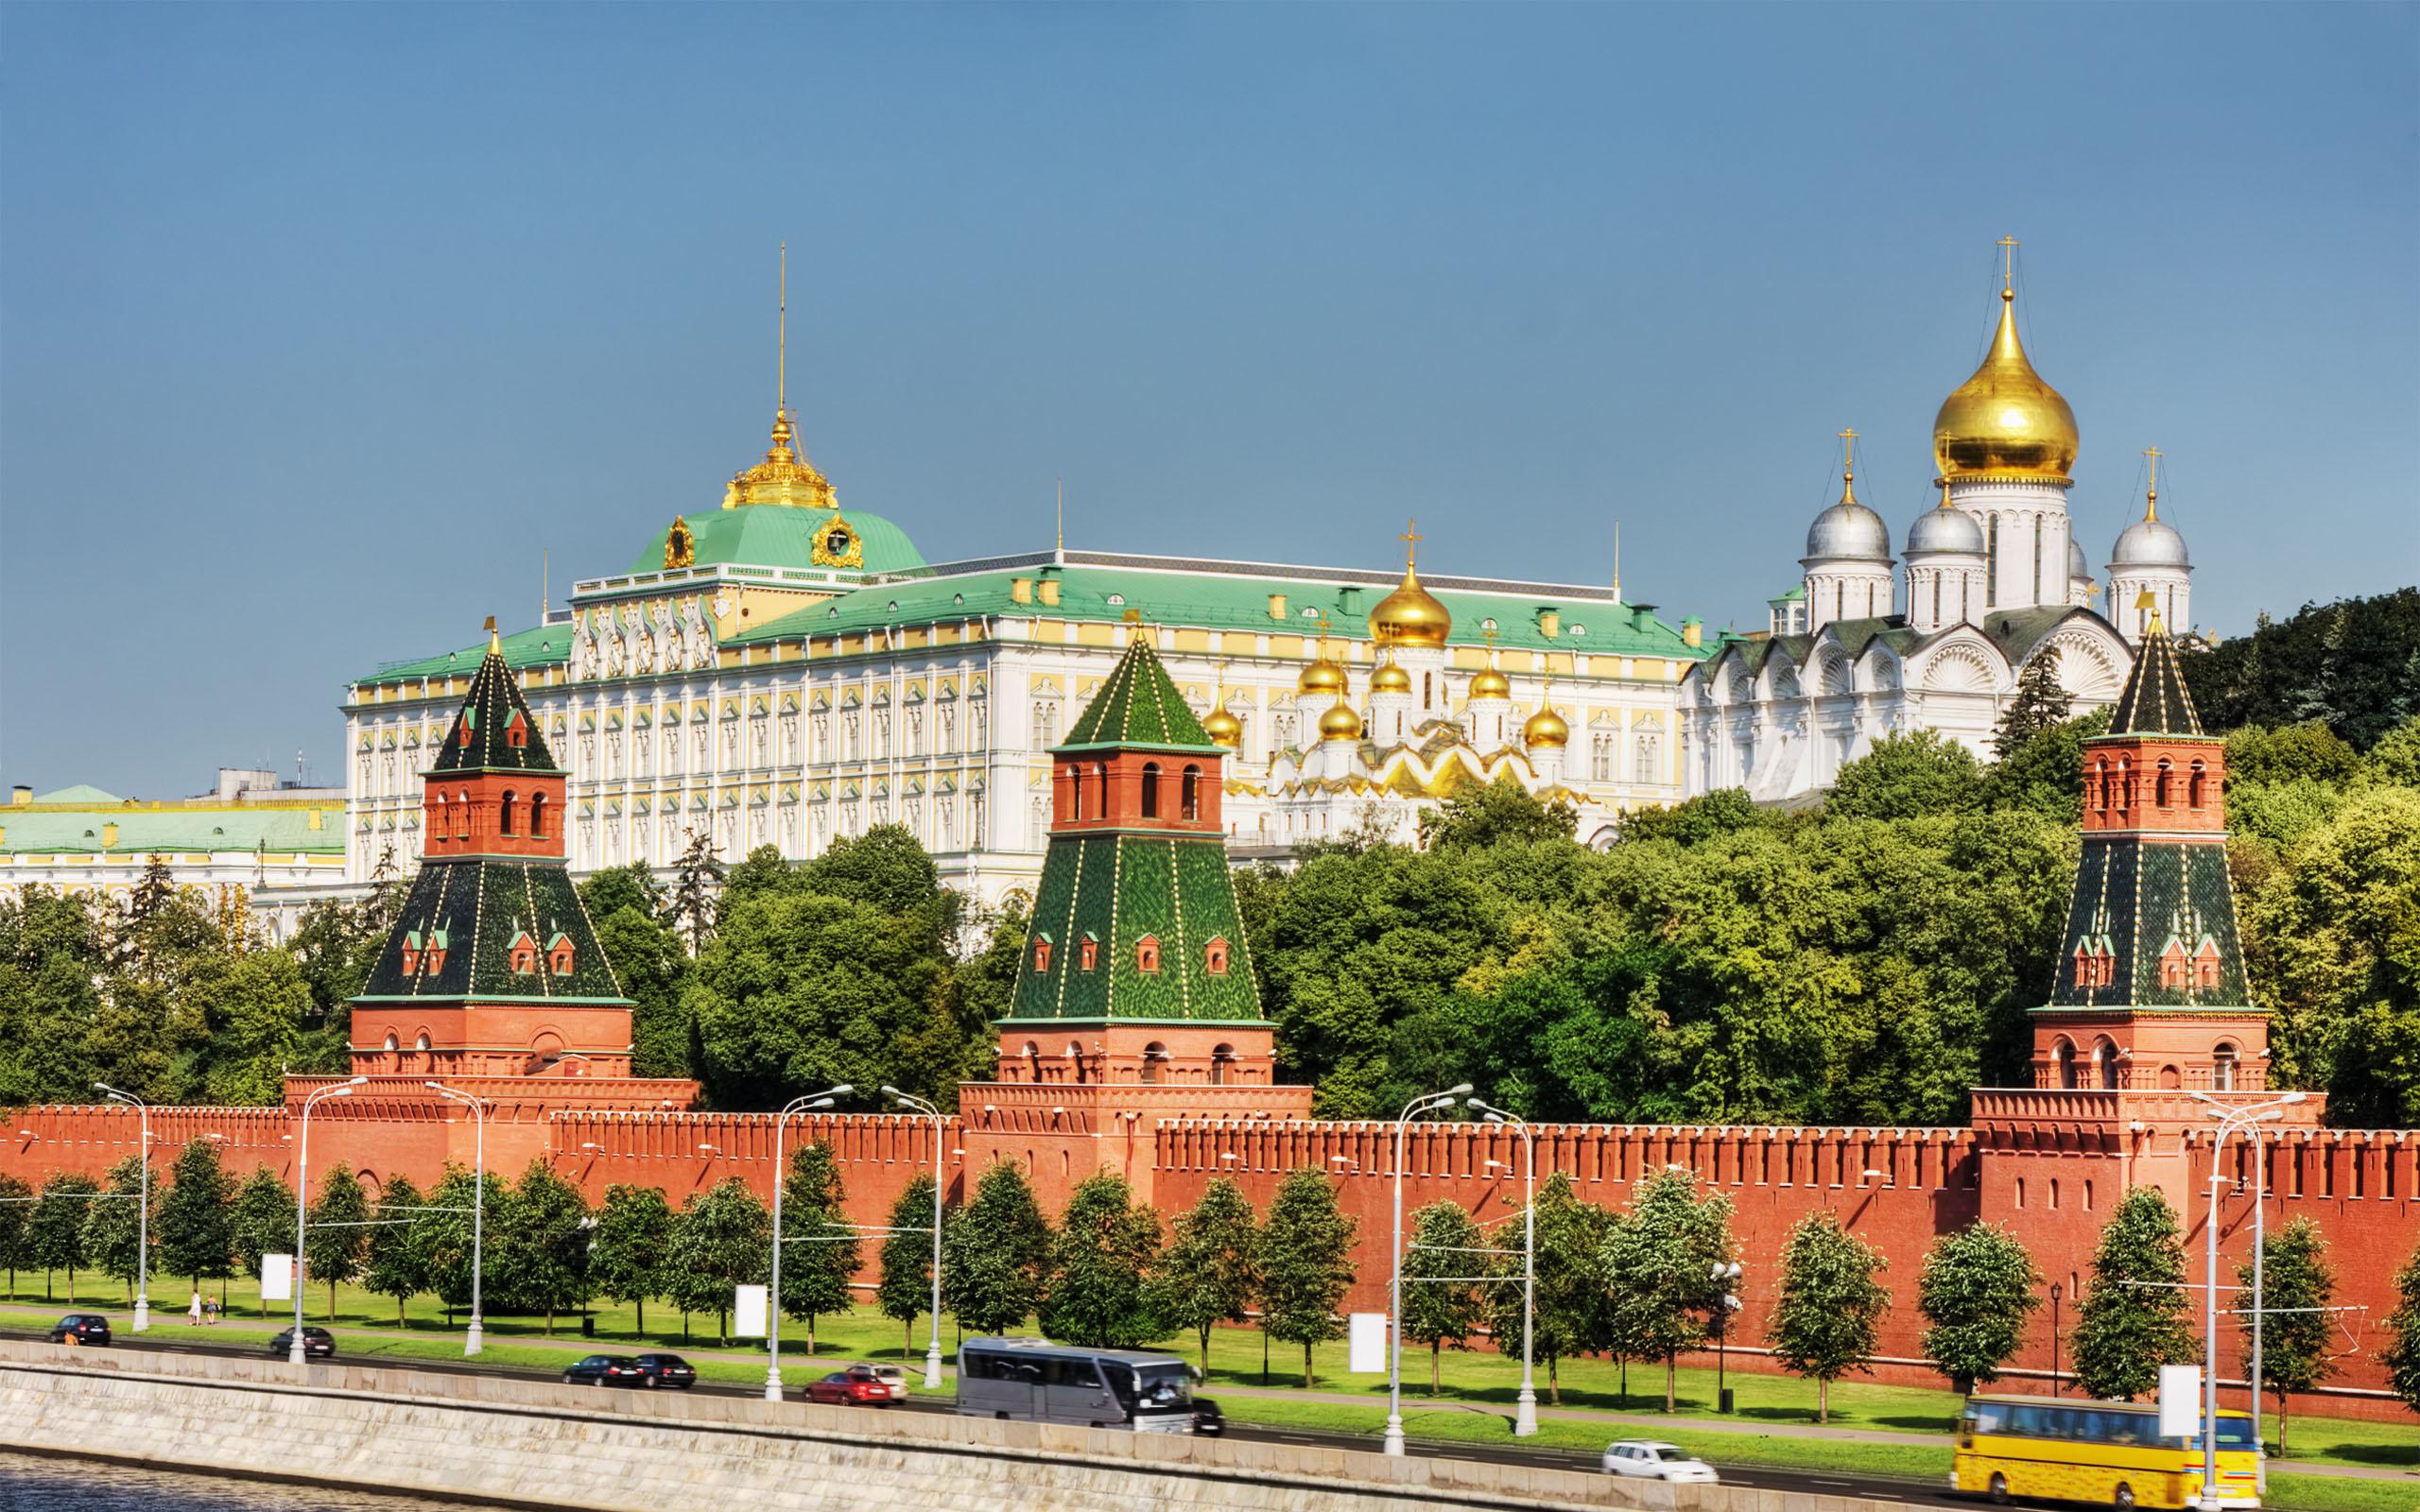 Moscú, ciudad mágica y sede del Mundial 2018 de Fútbol 2